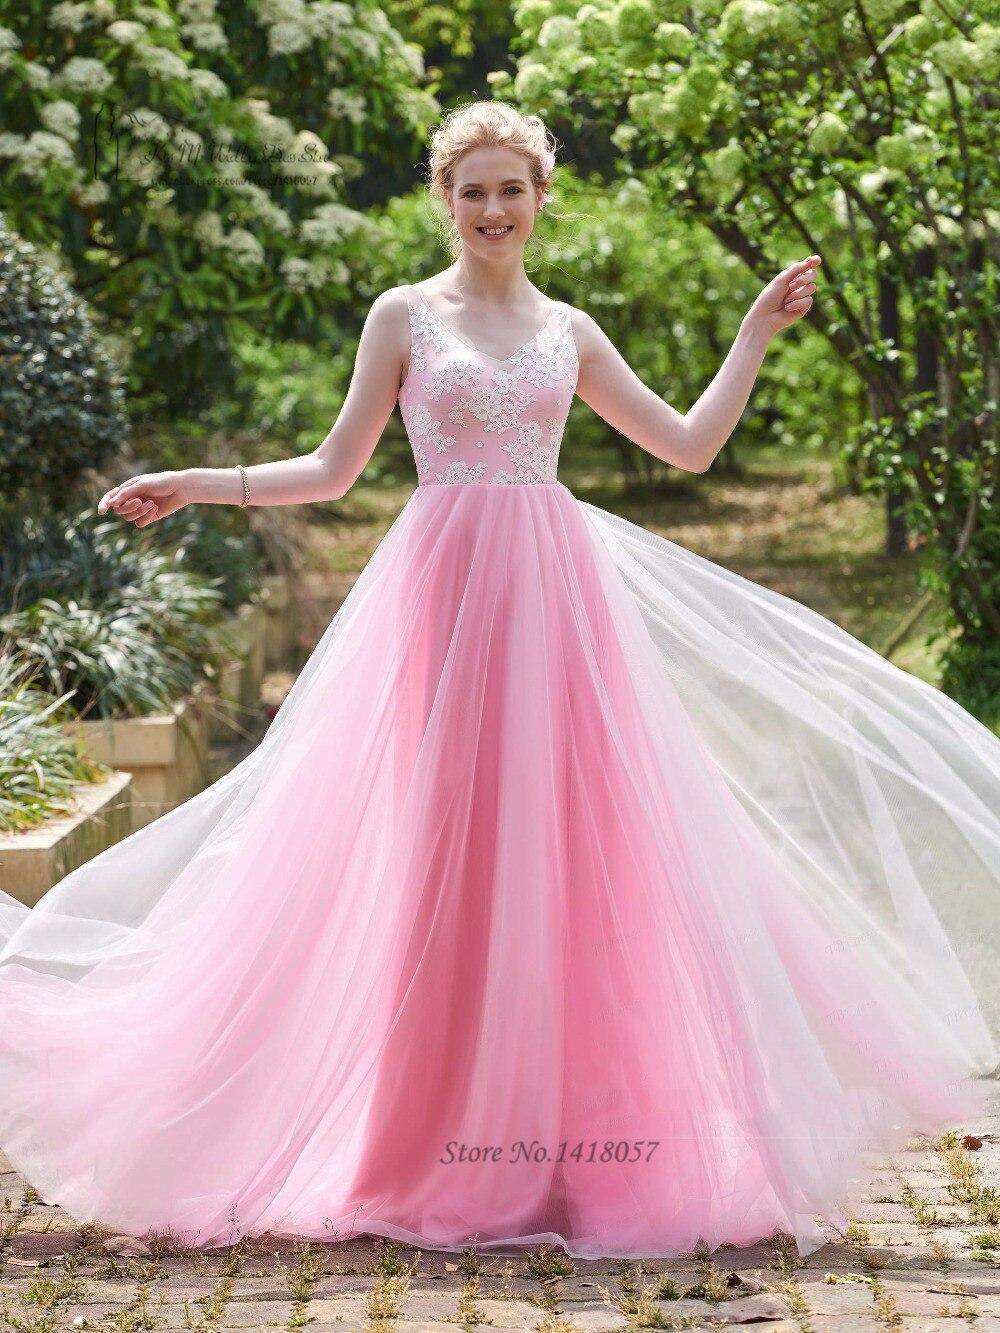 Asombroso Feos Damas De Honor Vestido Galería - Colección de ...